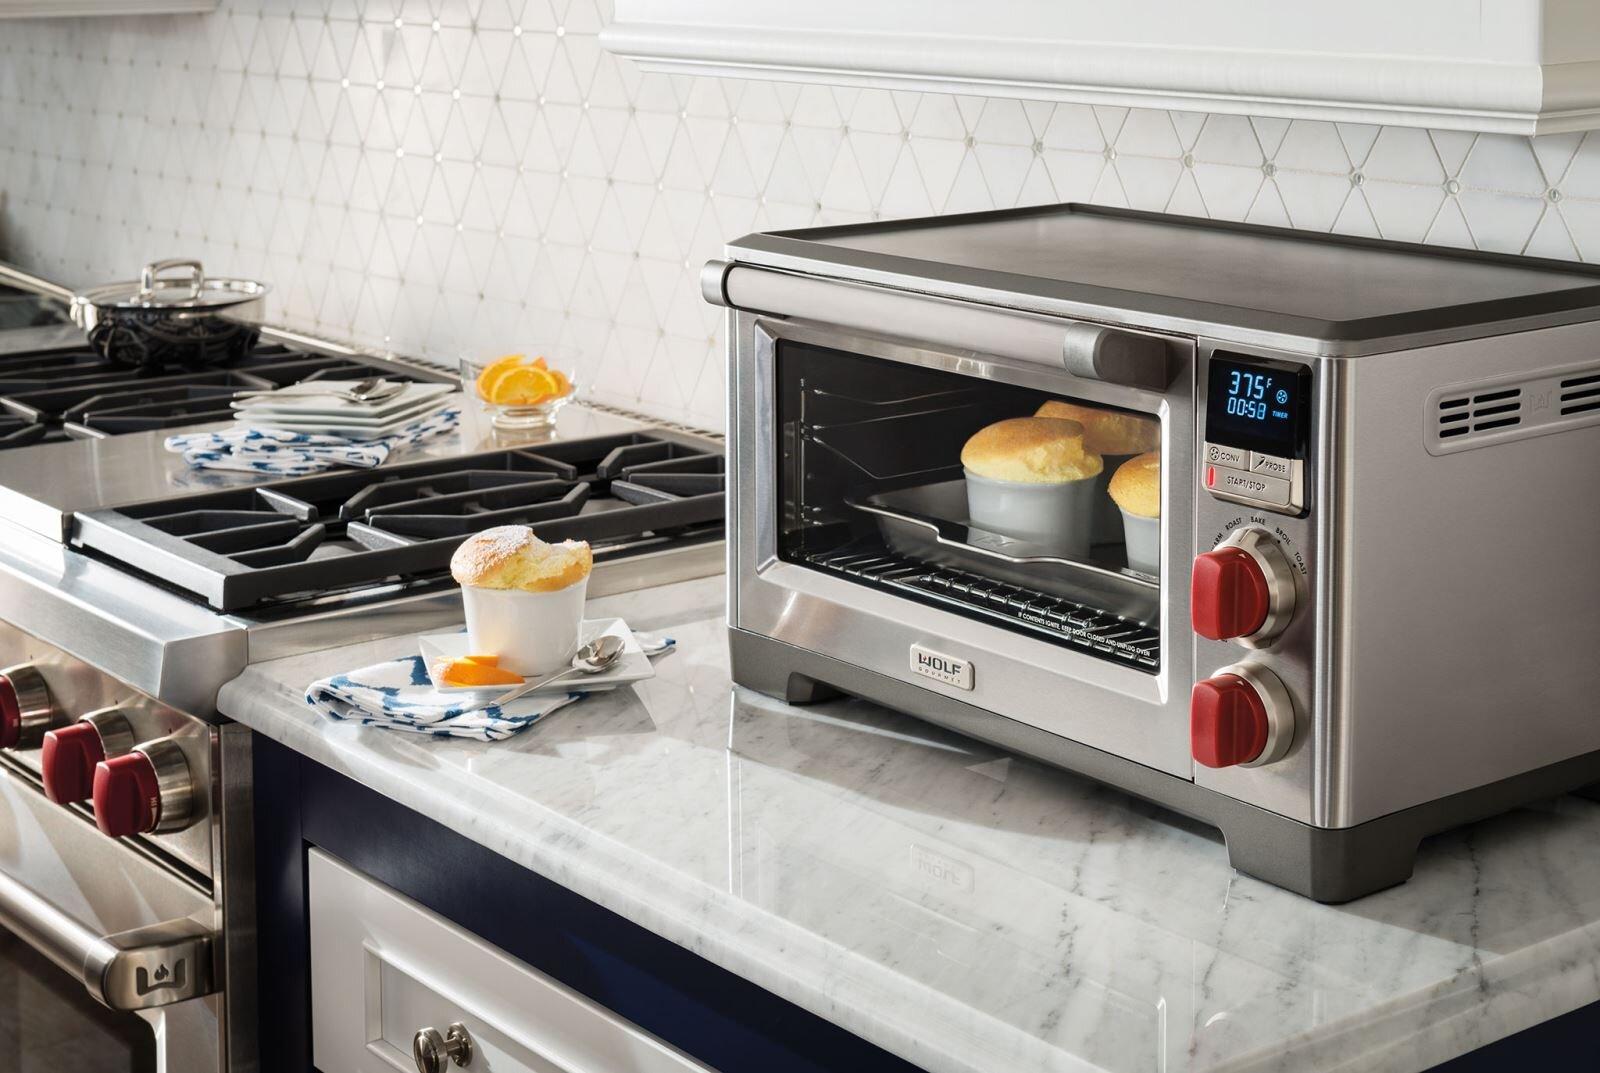 Đọc kỹ hướng dẫn sử dụng lò mới có thể nấu thức ăn ngon